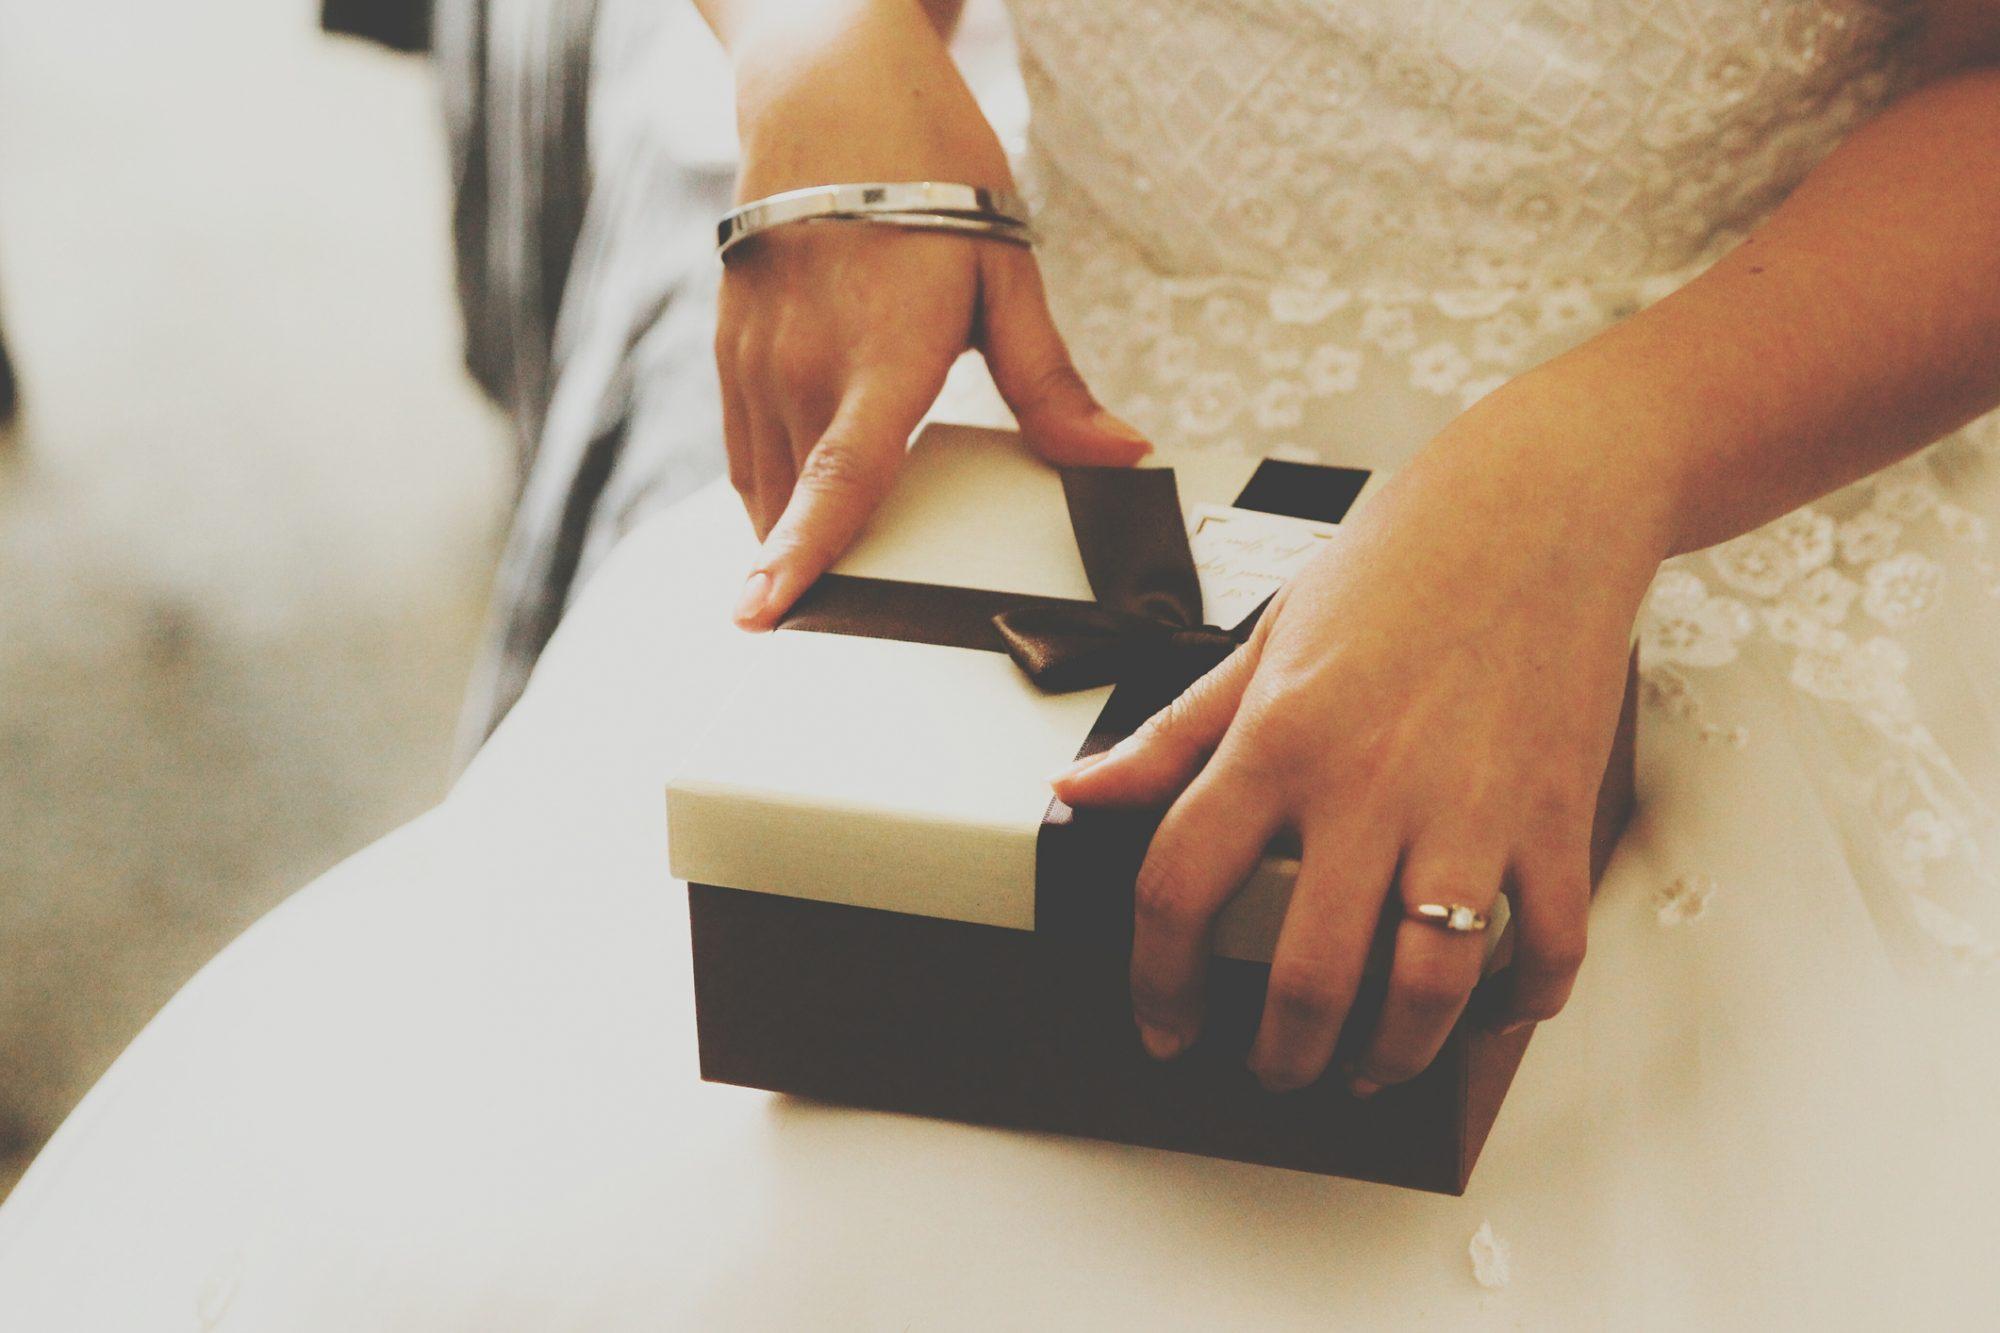 wedding gift ideas for millennials